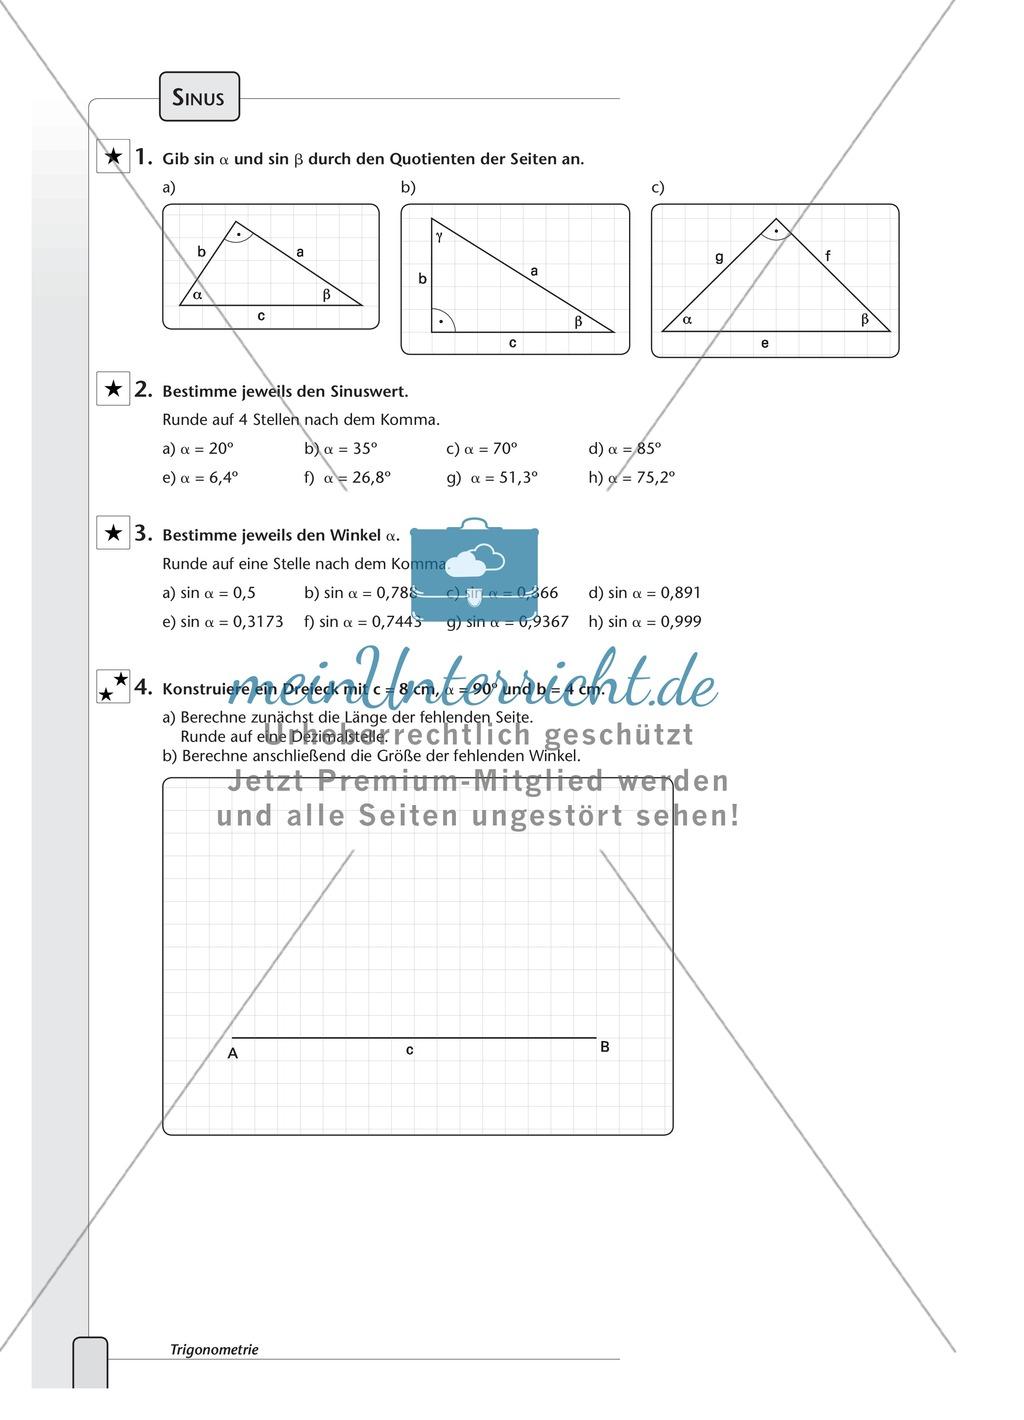 Vermischte Aufgaben zur den trigonometrischen Formeln - meinUnterricht